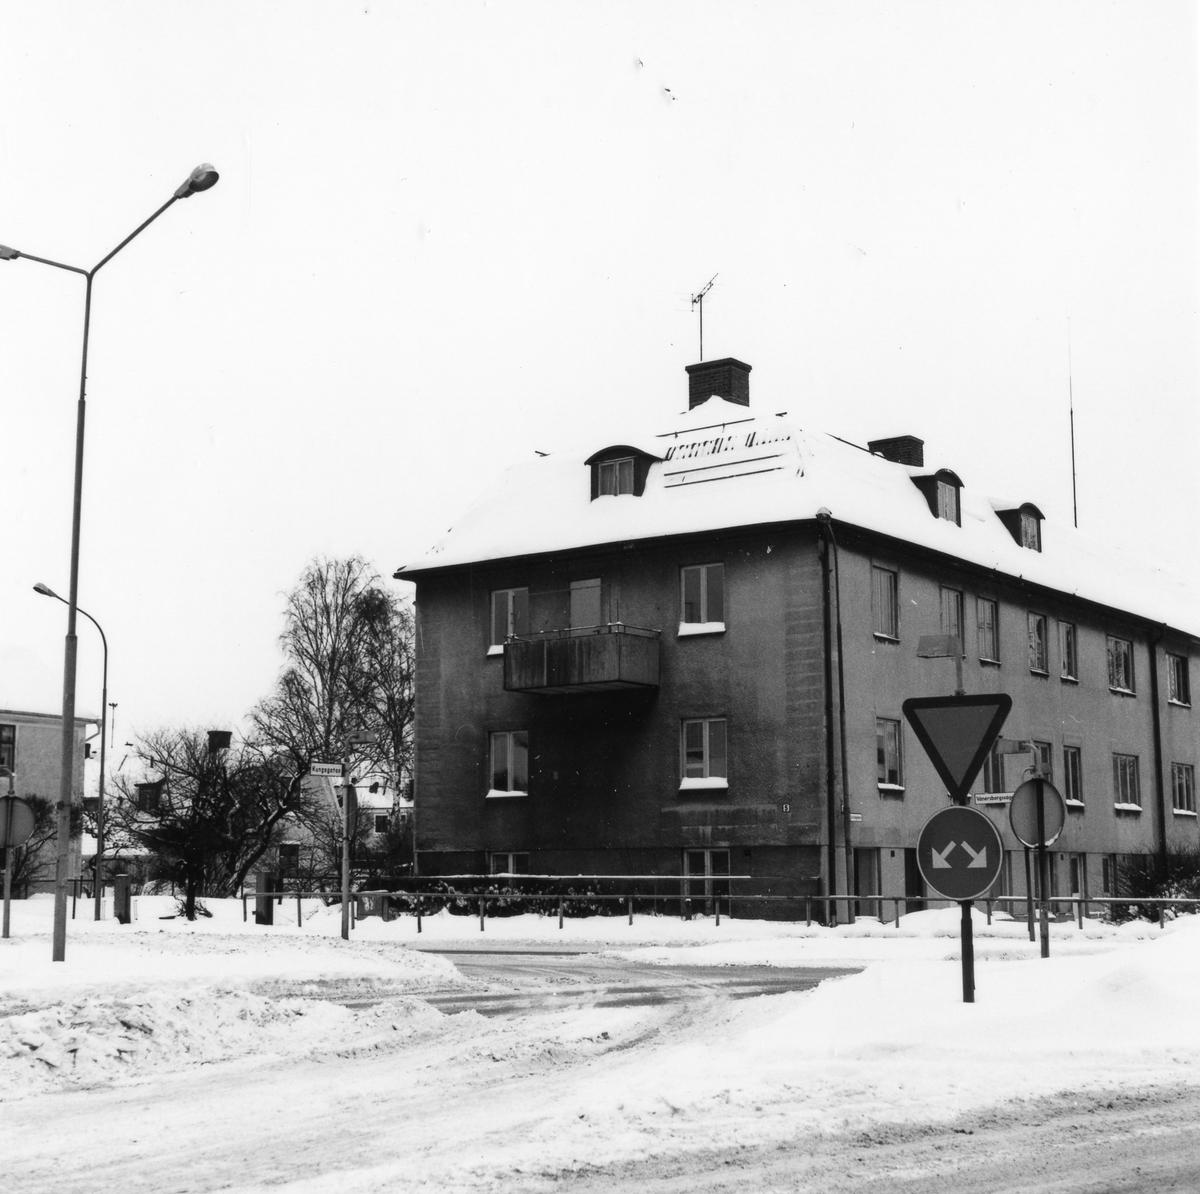 Vinterbild korsningen Kungsgatan och Vänersborgsvägen med ett 2 vånings bostadshus i centrum på bild.  Bostadshus i två våningar med butikslokaler i källarplan utmed Kungsgatan. Entrépartier mot gårdssidan. Putsade väggar, tvåkupigt taktegel. Lägenheter försedda med kakelugn i ett rum. Parkettgolv. Beslut om rivning i november 1978. Fastighetägare: Alingsås kommun. Fastigheten revs för att ge plats åt trafiken och den signalreglerade korsningen som planerades där.  Kvarteret Fruktkorgen 16. Kungsgatan. Vänersborgsvägen.